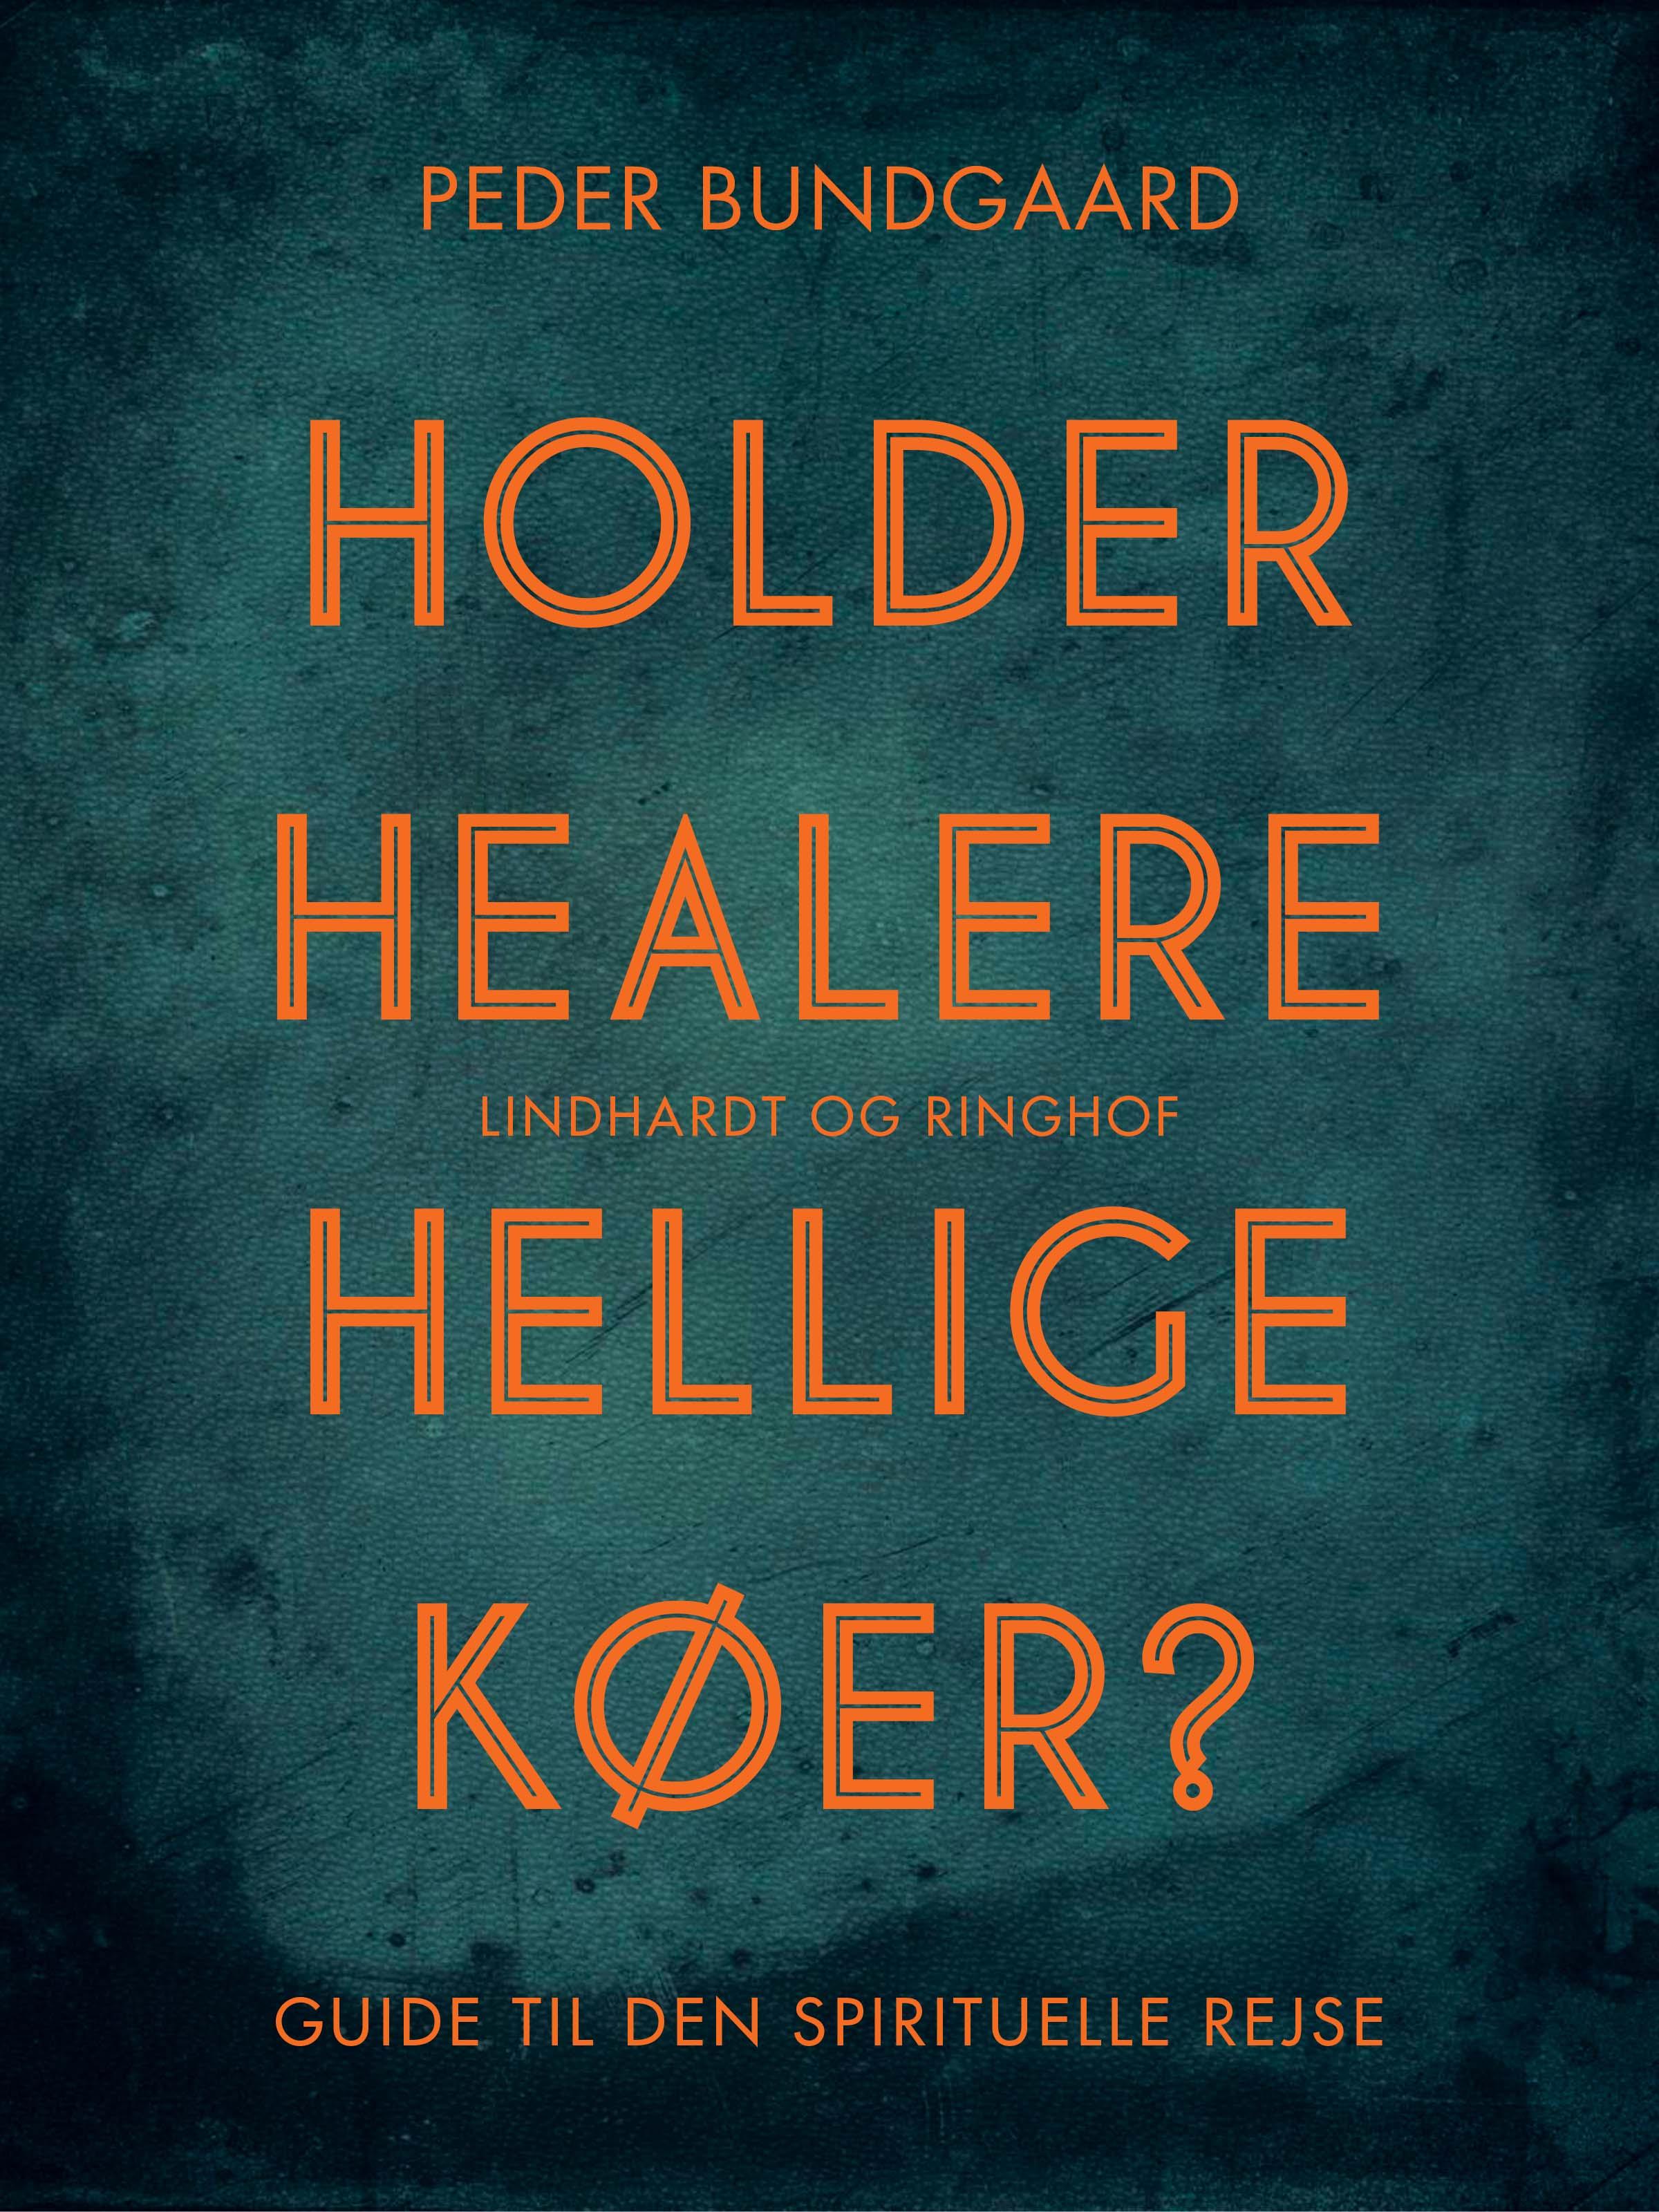 N/A Holder healere hellige køer? guide til den spirituelle rejse - e-bog på bog & mystik